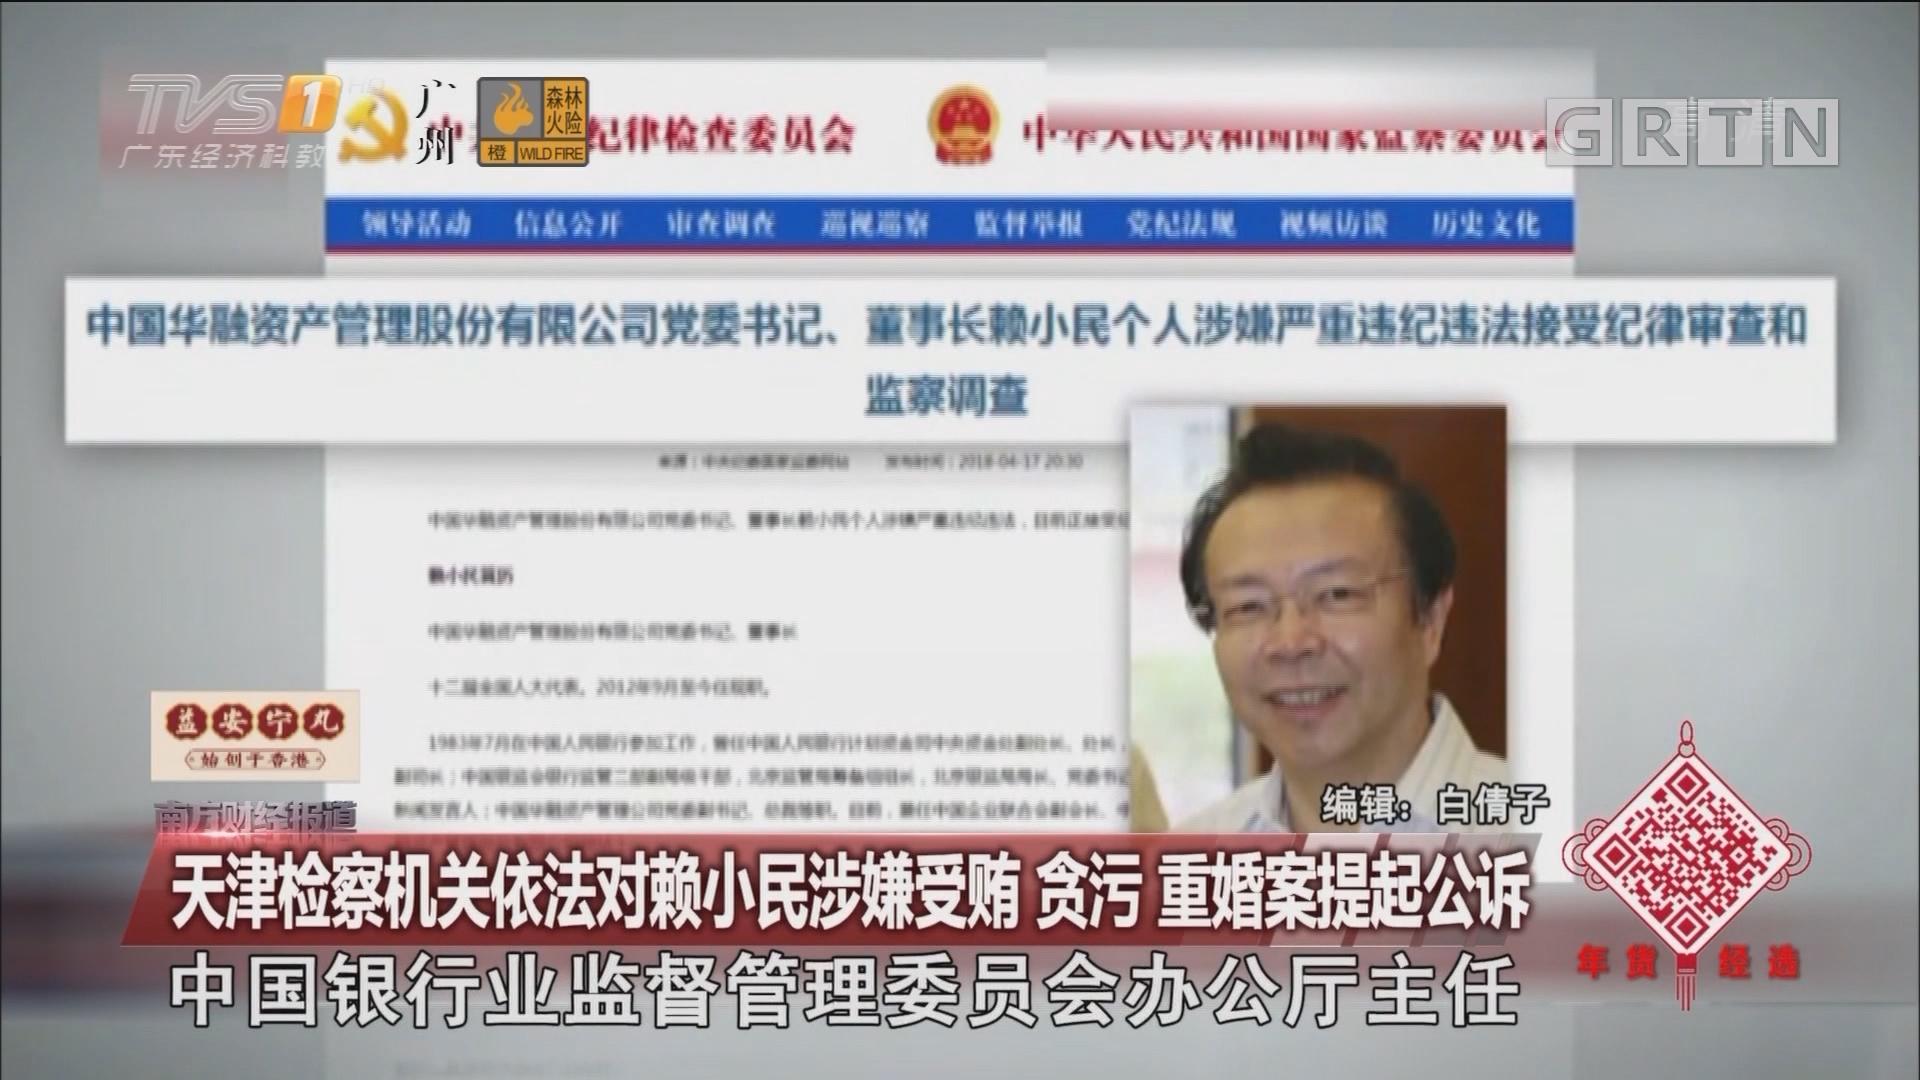 天津检察机关依法对赖小民涉嫌受贿 贪污 重婚案提起公诉